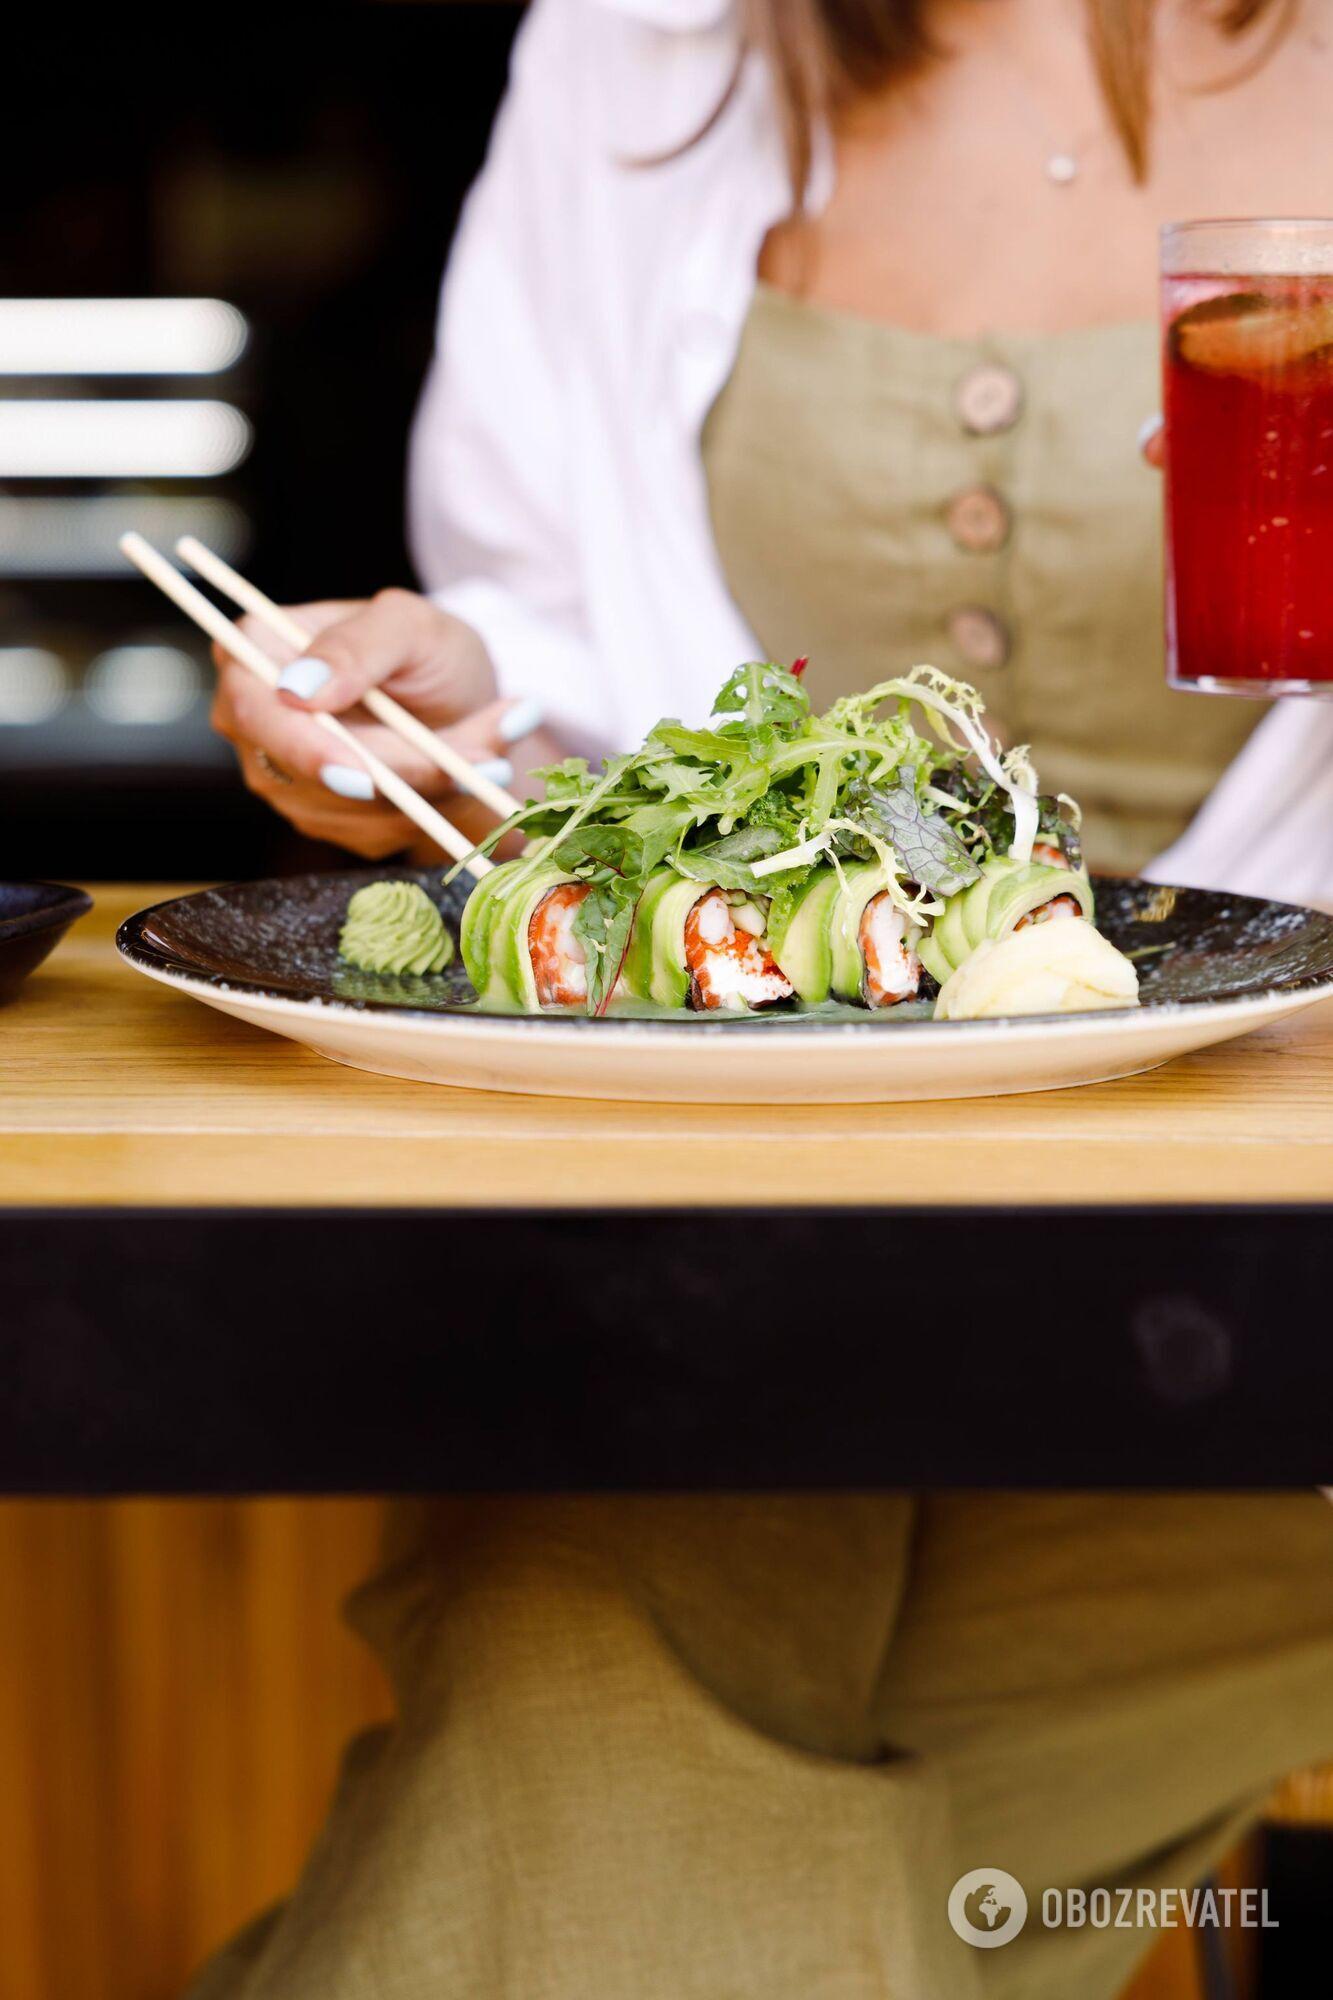 Суші, морепродукти, риба – в ресторані кожен може вибрати будь-яку страву на свій смак